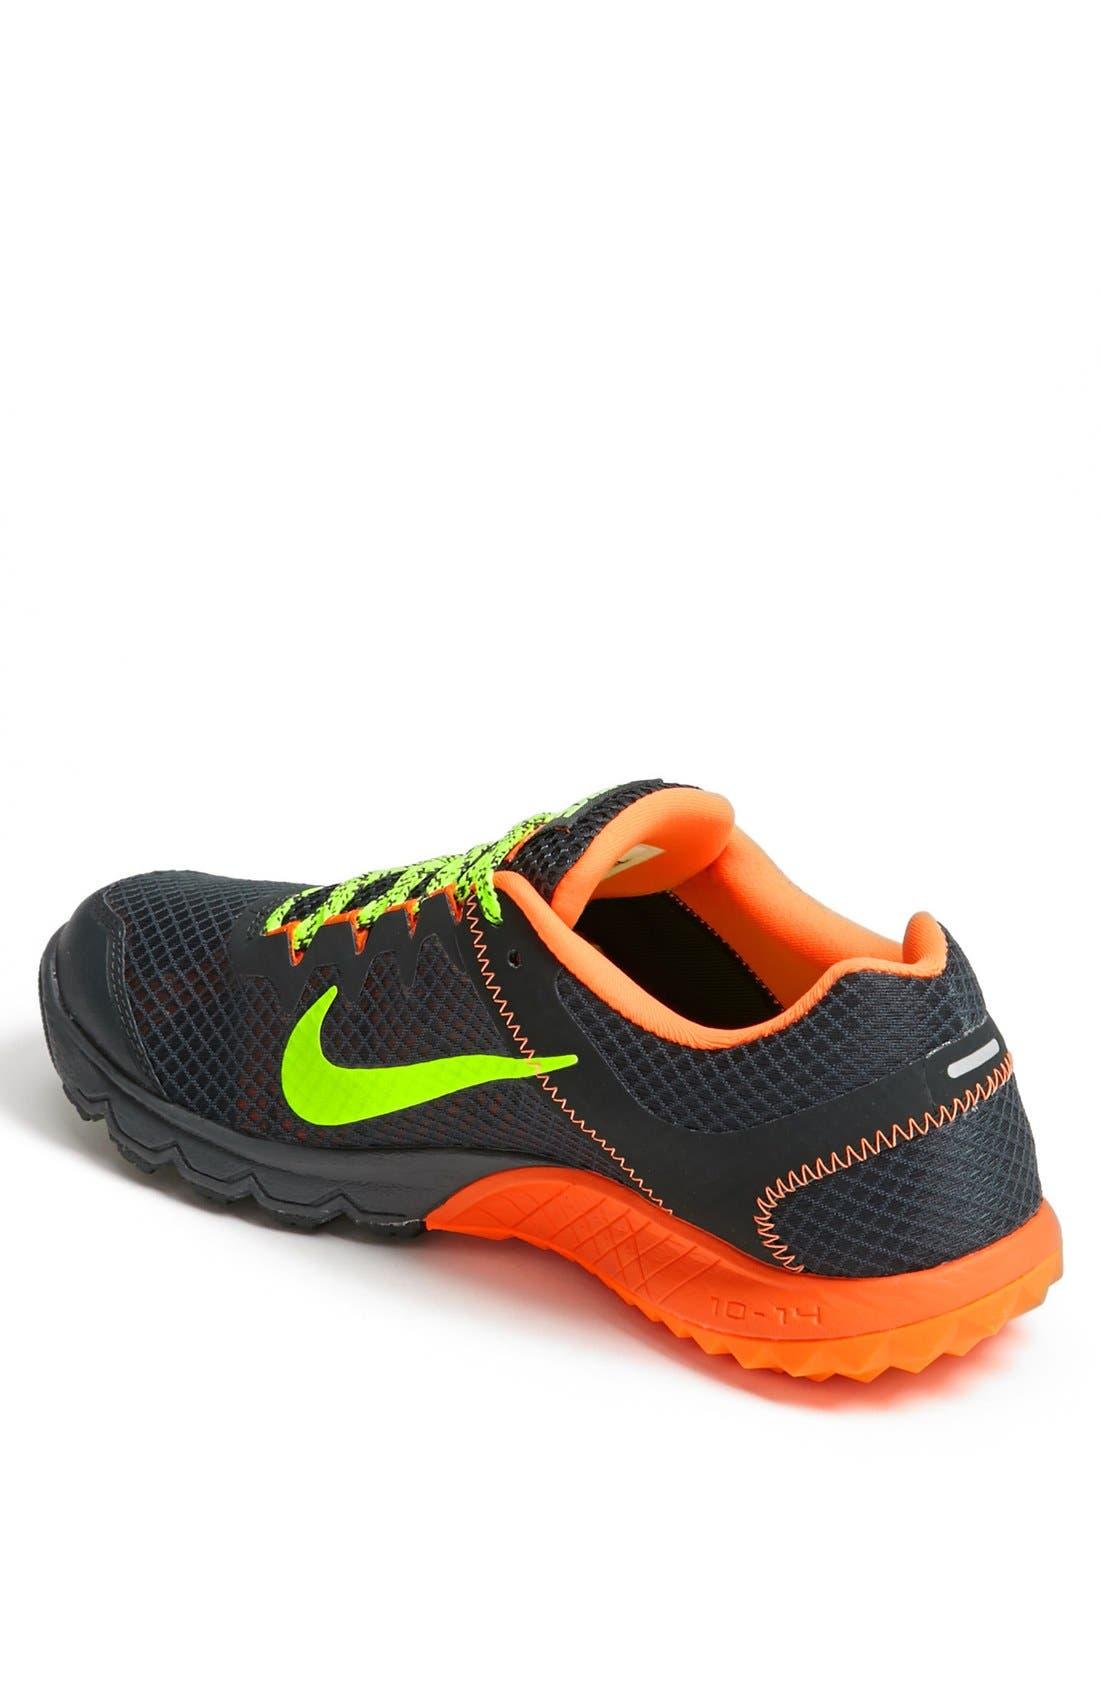 Alternate Image 2  - Nike 'Zoom Wildhorse' Trail Running Shoe (Men)